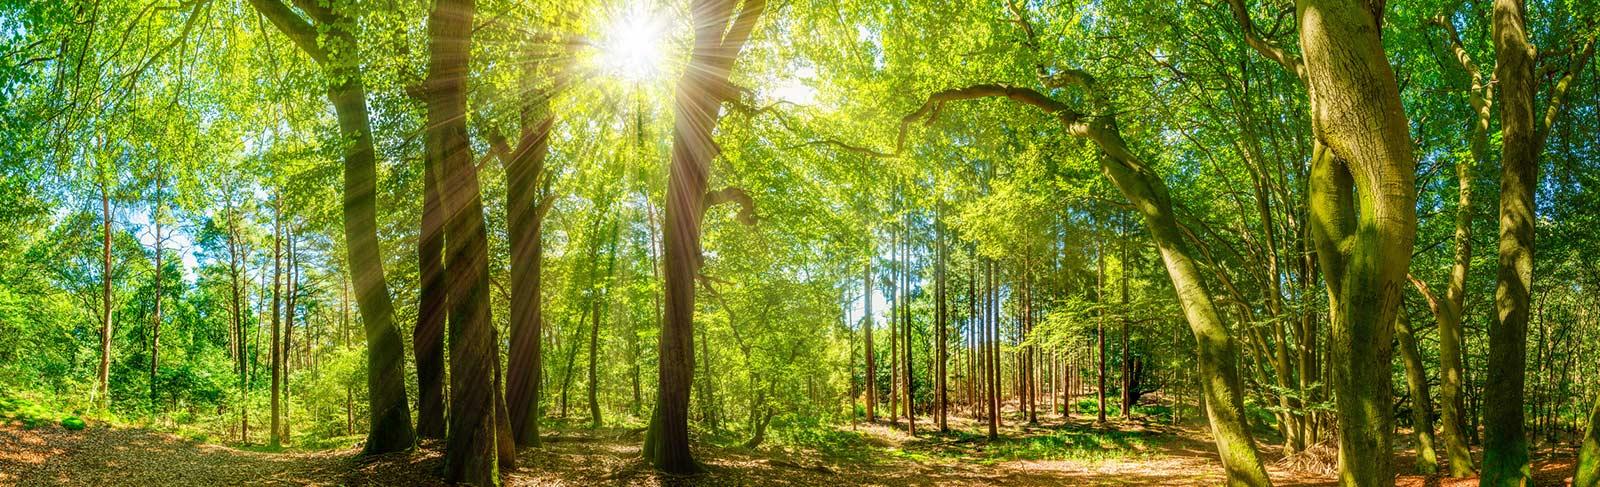 entspannt bei Sonnenschein im Wald